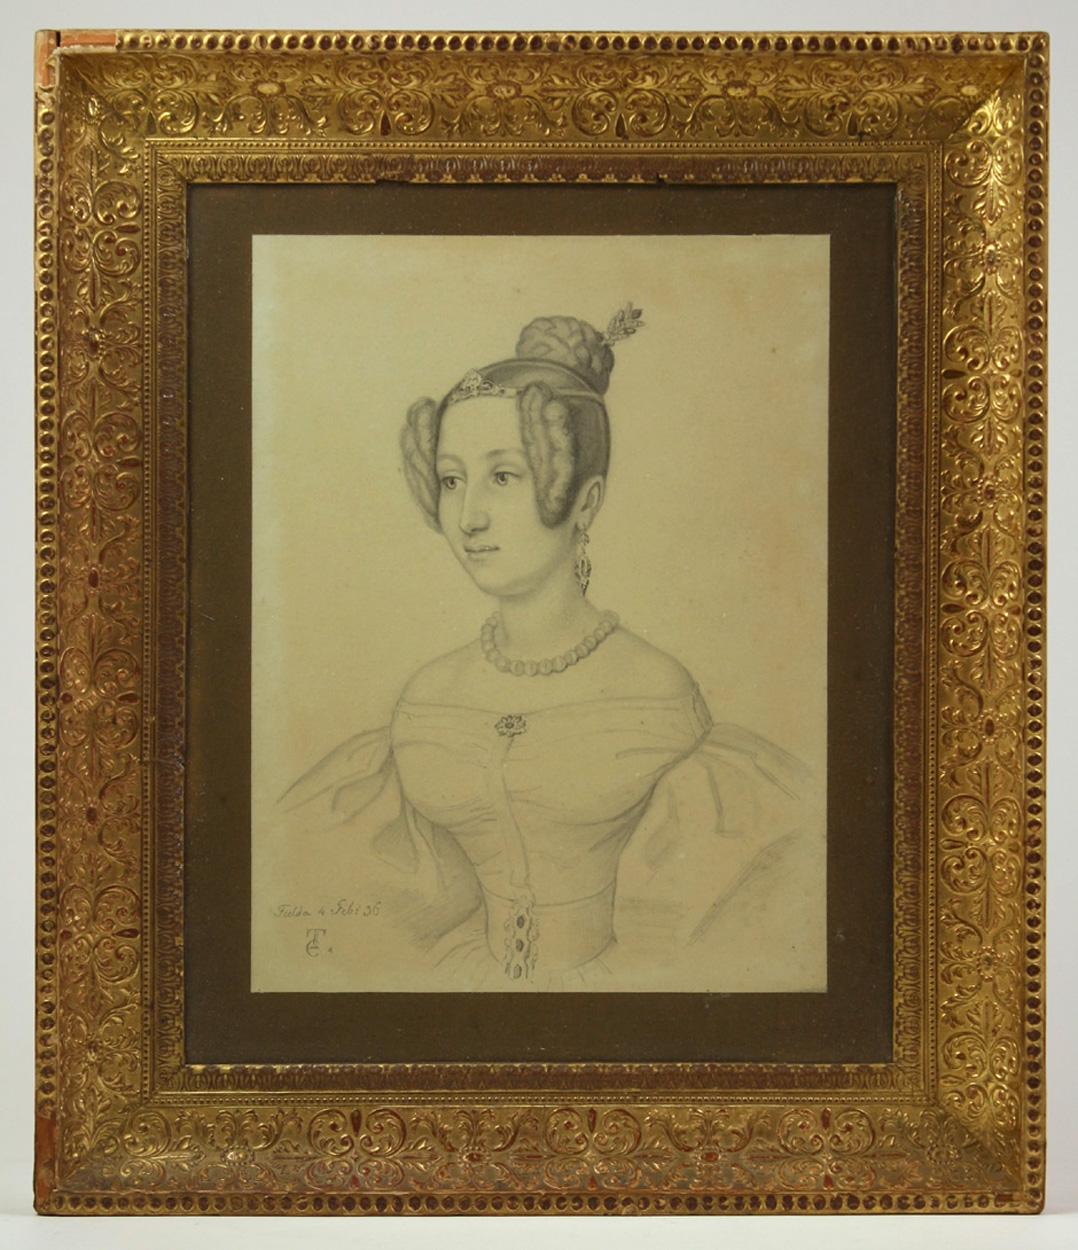 Deutsch, 1836, Junge Frau in festlicher Garderobe